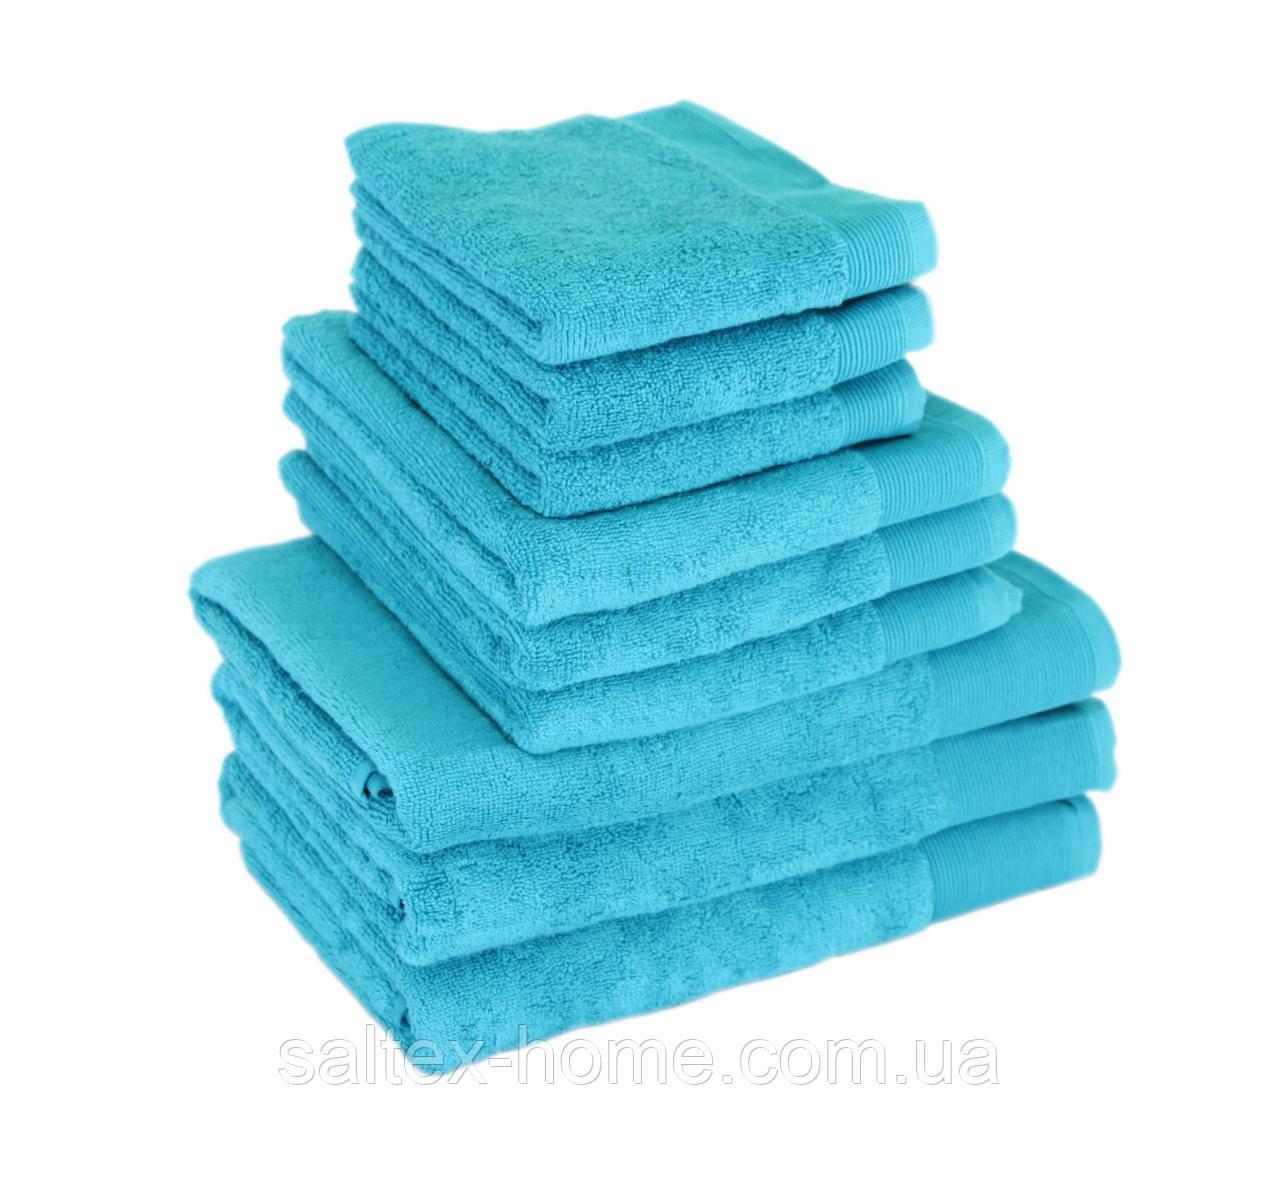 Махровое полотенце для волос 50х90см, Индия, 500 г/м, голубого цвета